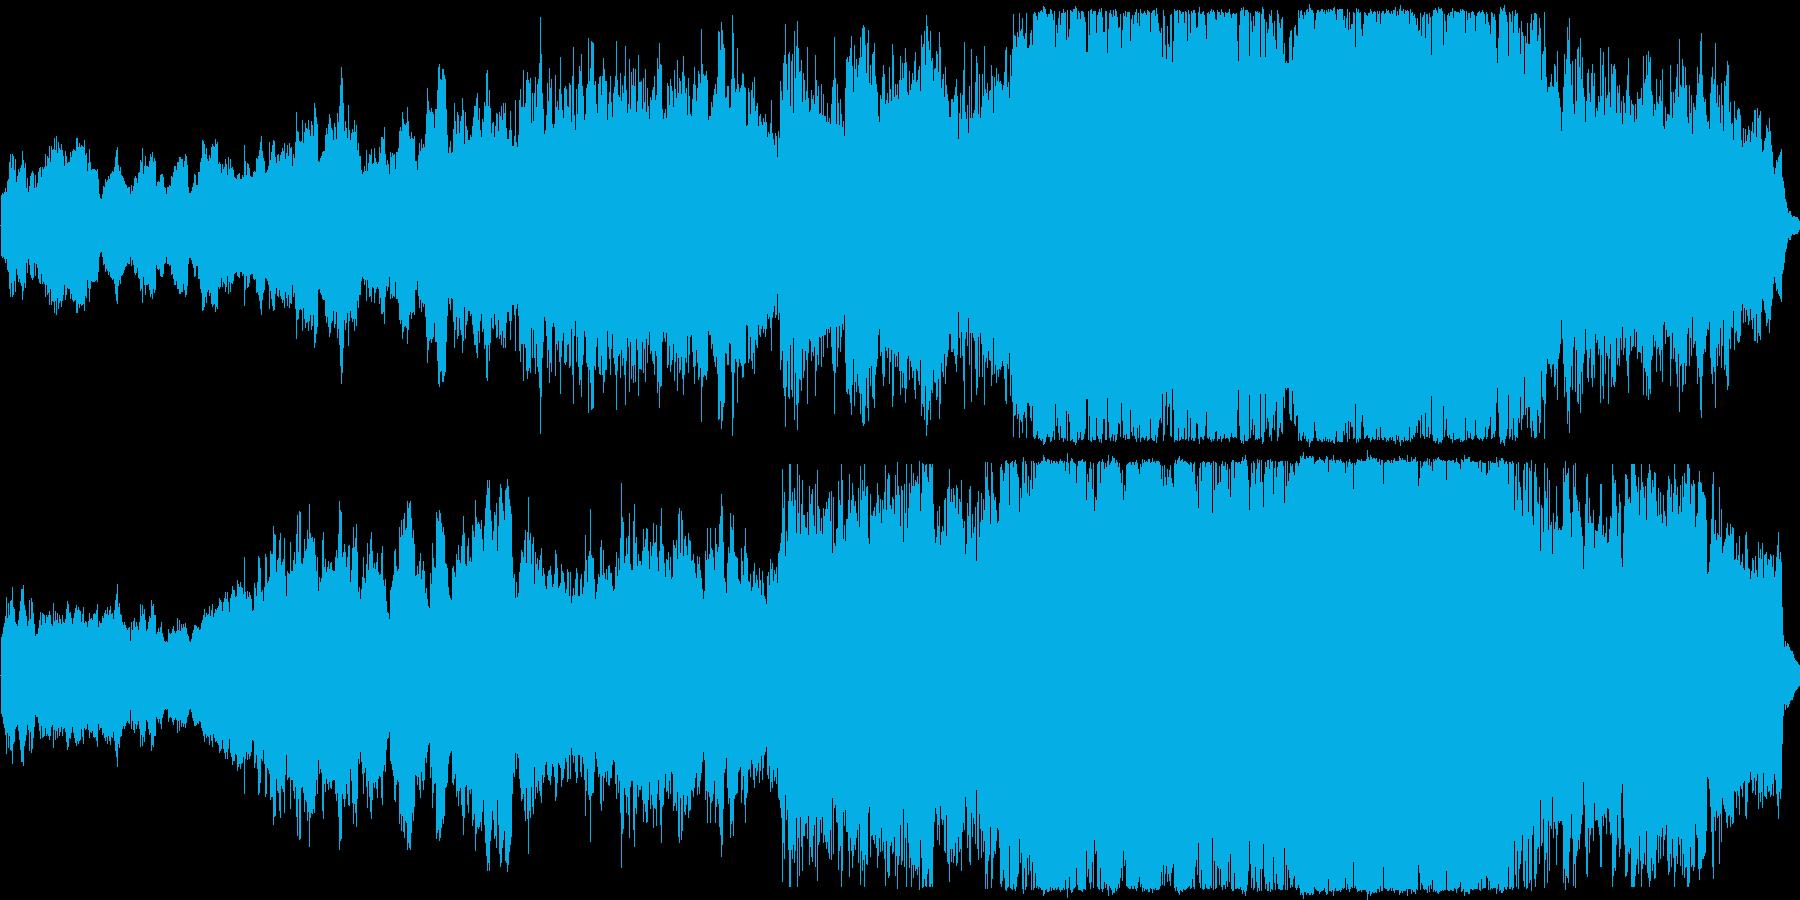 神聖で感動的なコーラスとオーケストラ作品の再生済みの波形